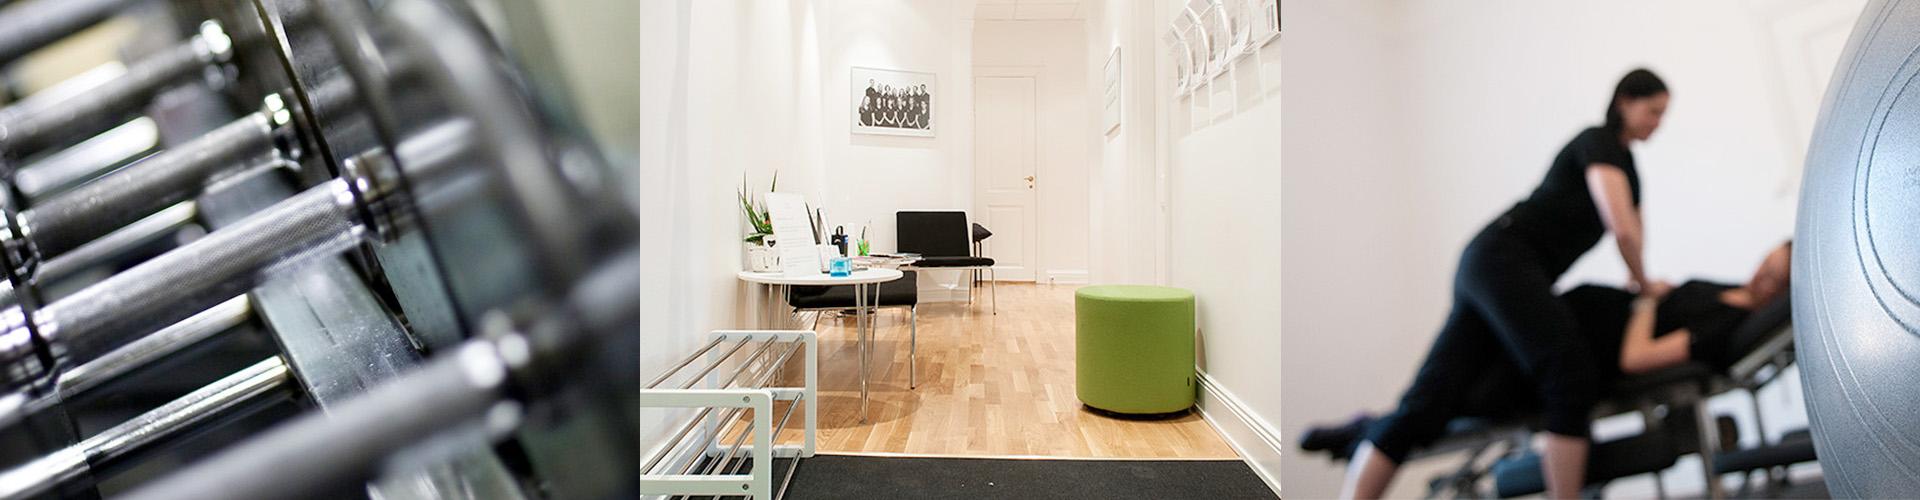 Föreläsningar hos Stockholms RehabKlinik CITY